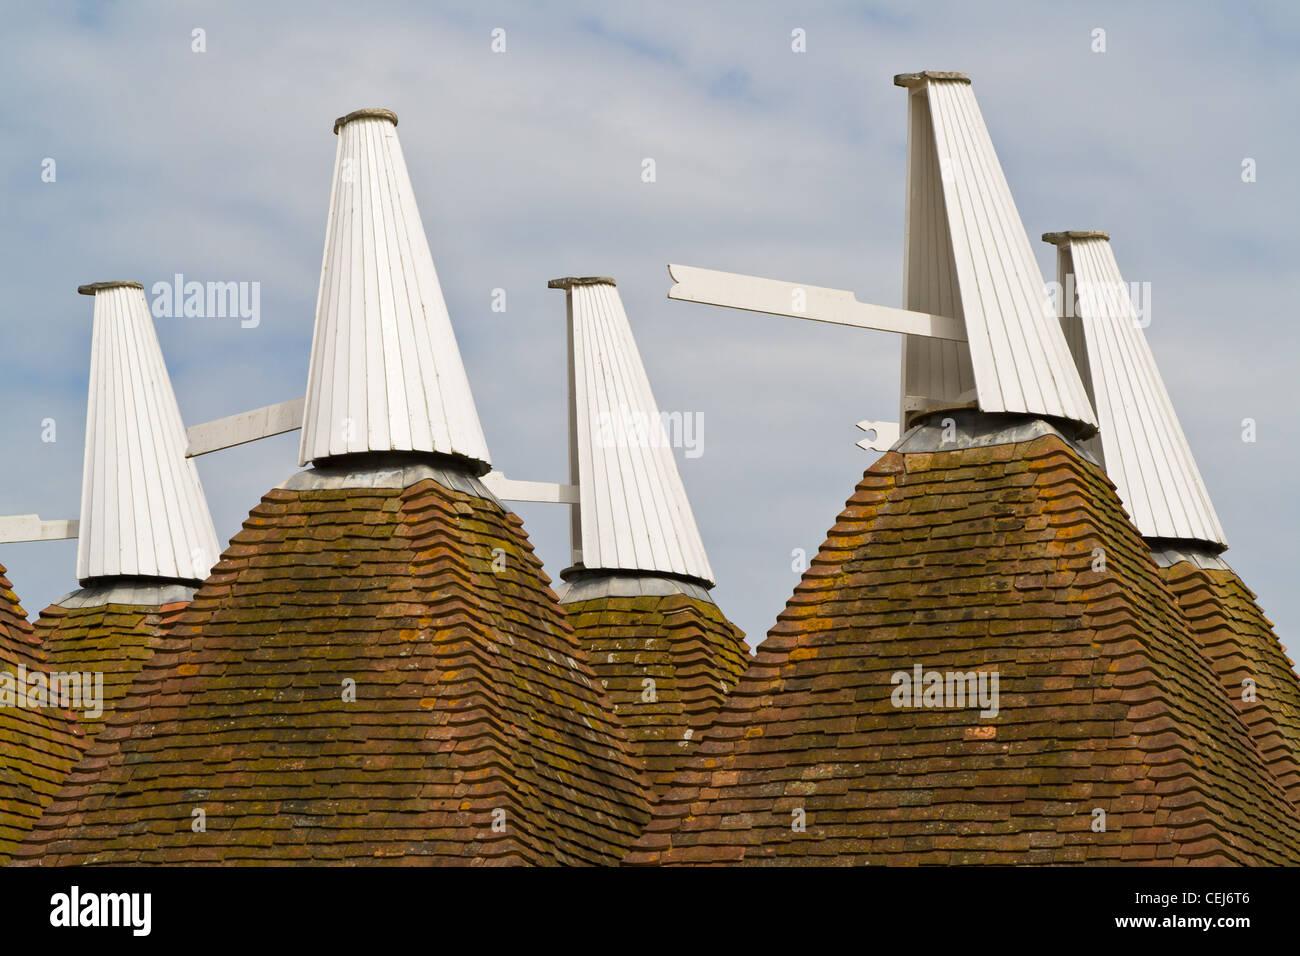 Kentish oast house roof - Stock Image